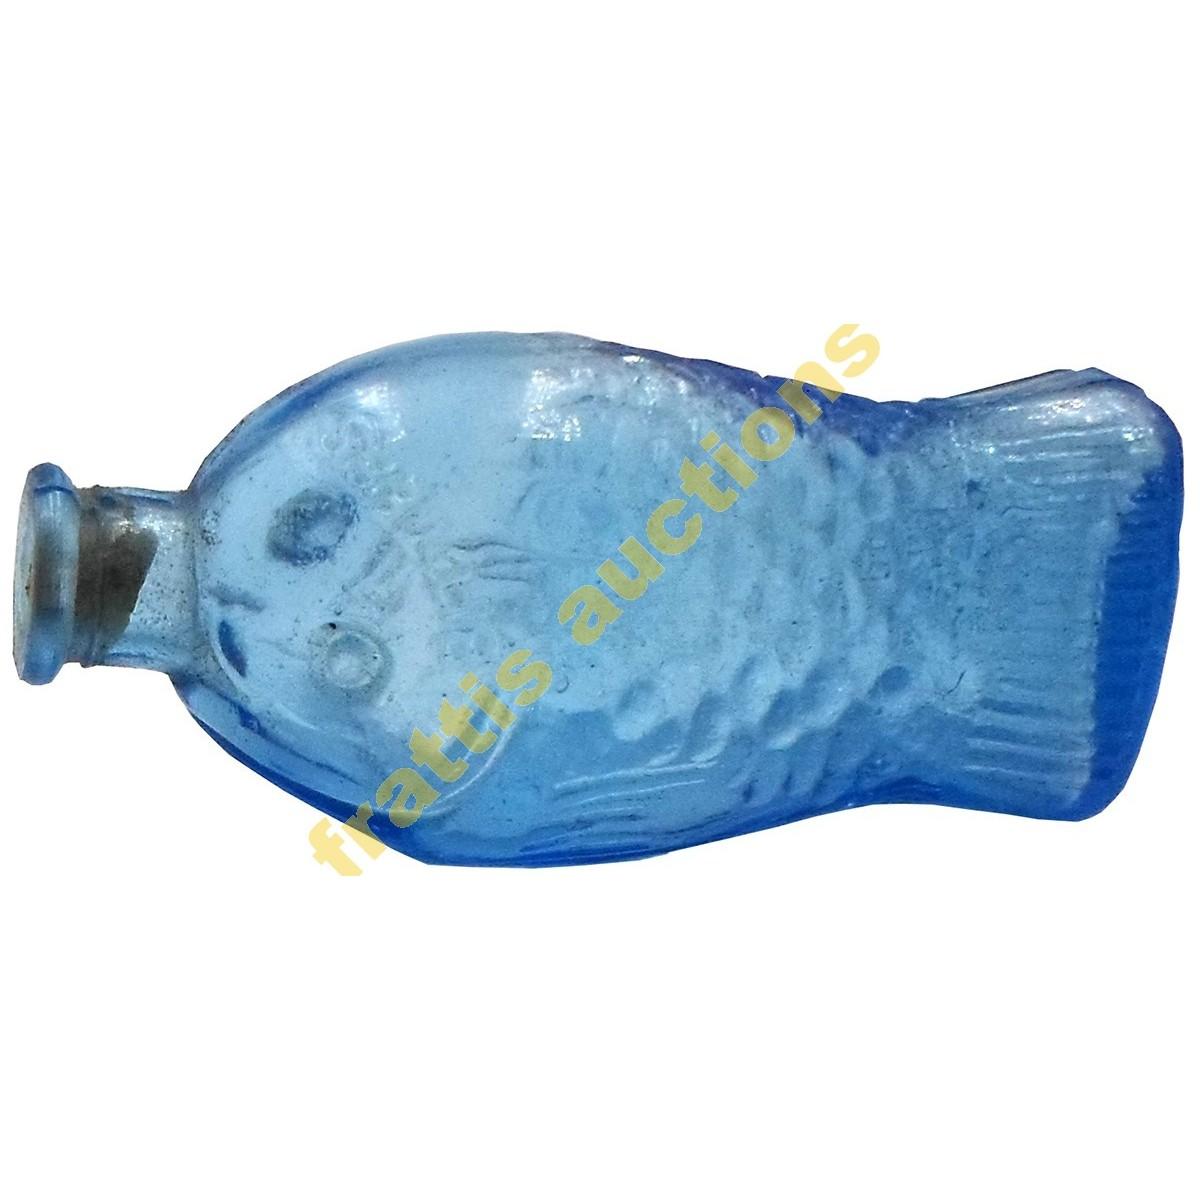 Γυάλινο άδειο μπουκάλι Fischs Bitter.